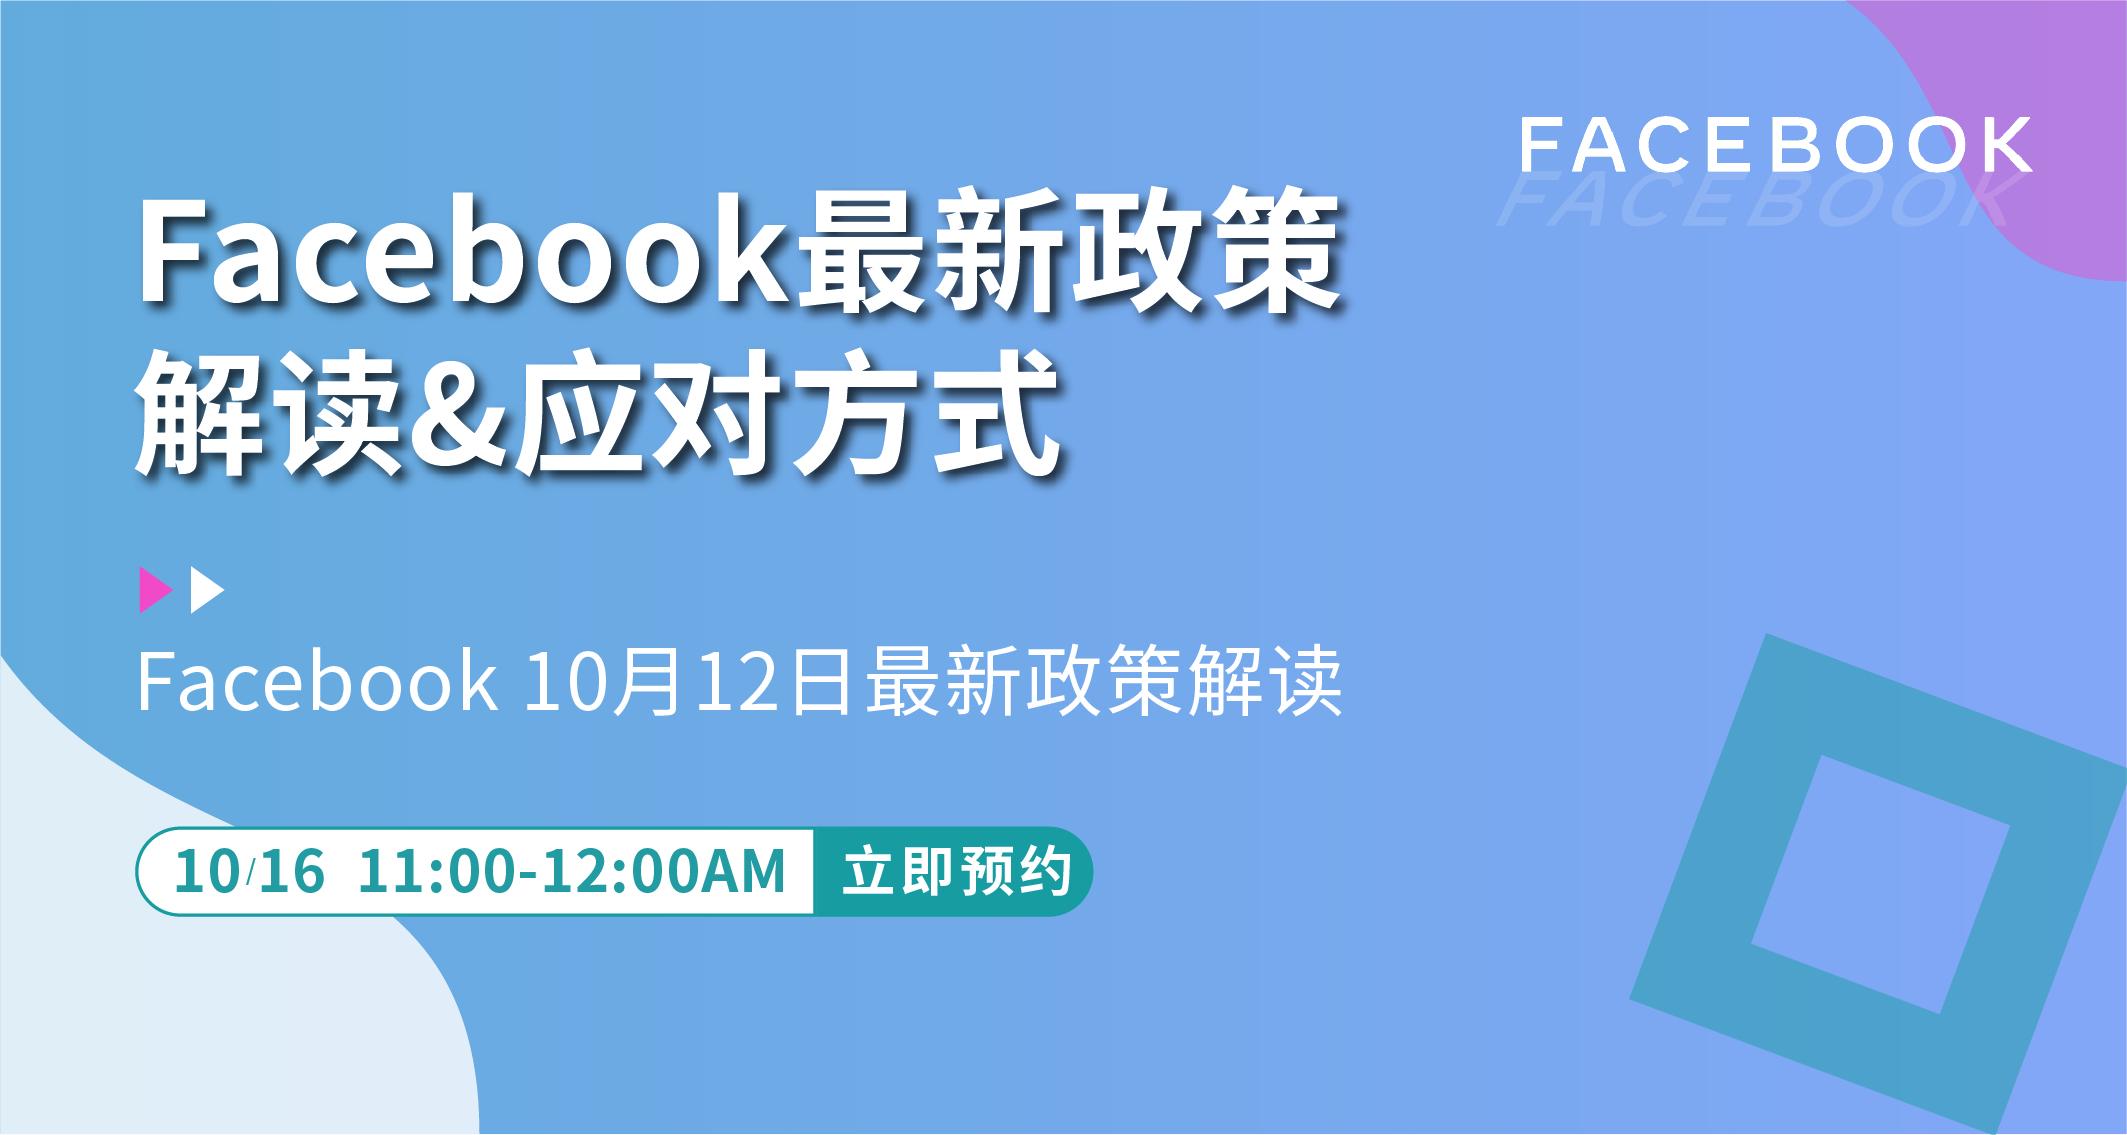 Facebook最新政策解读&合理应对方式